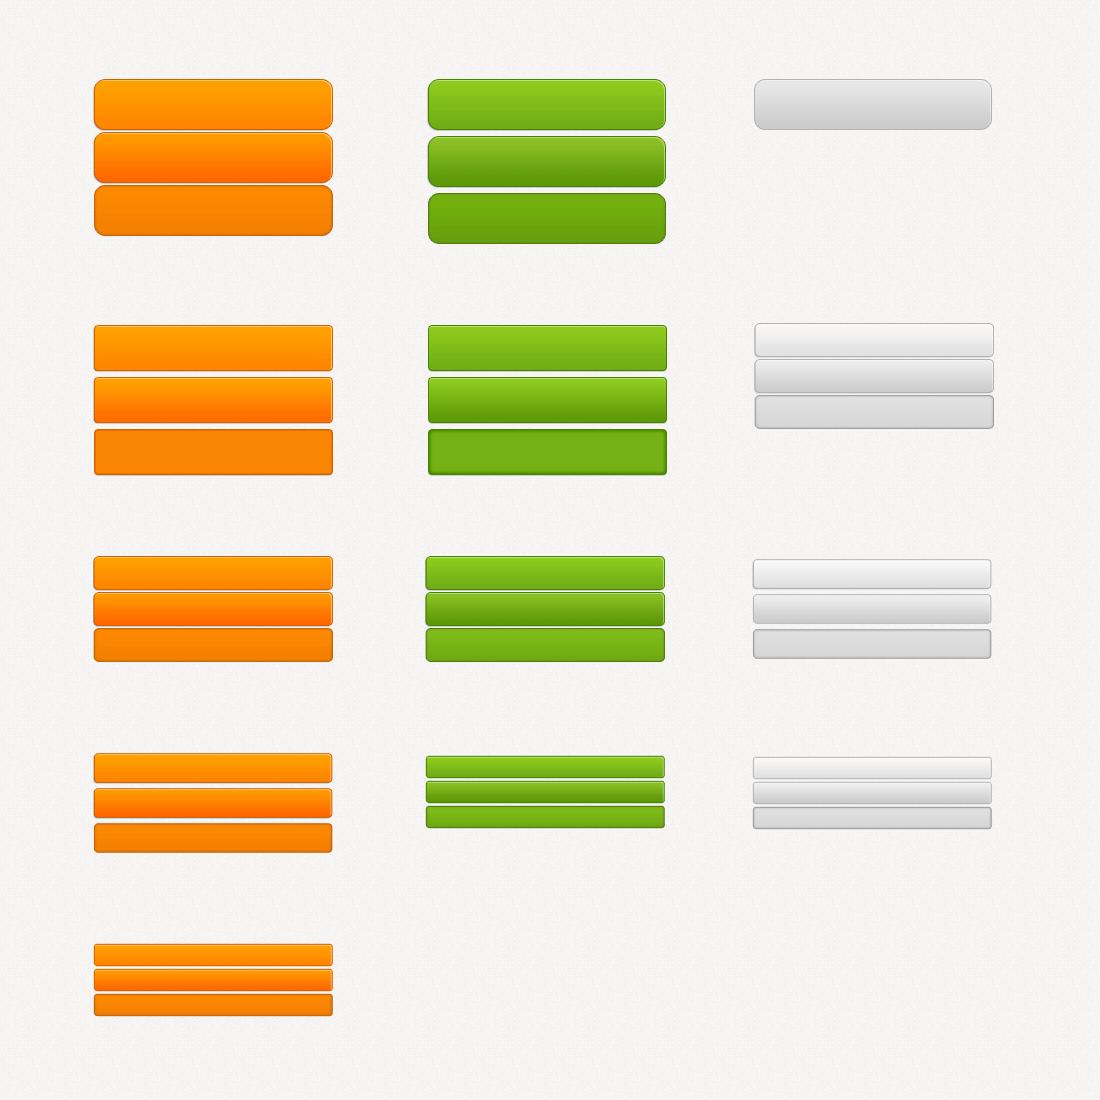 3种web2.0网站风格按钮_简约web2.0按钮_大气的web2.0按钮